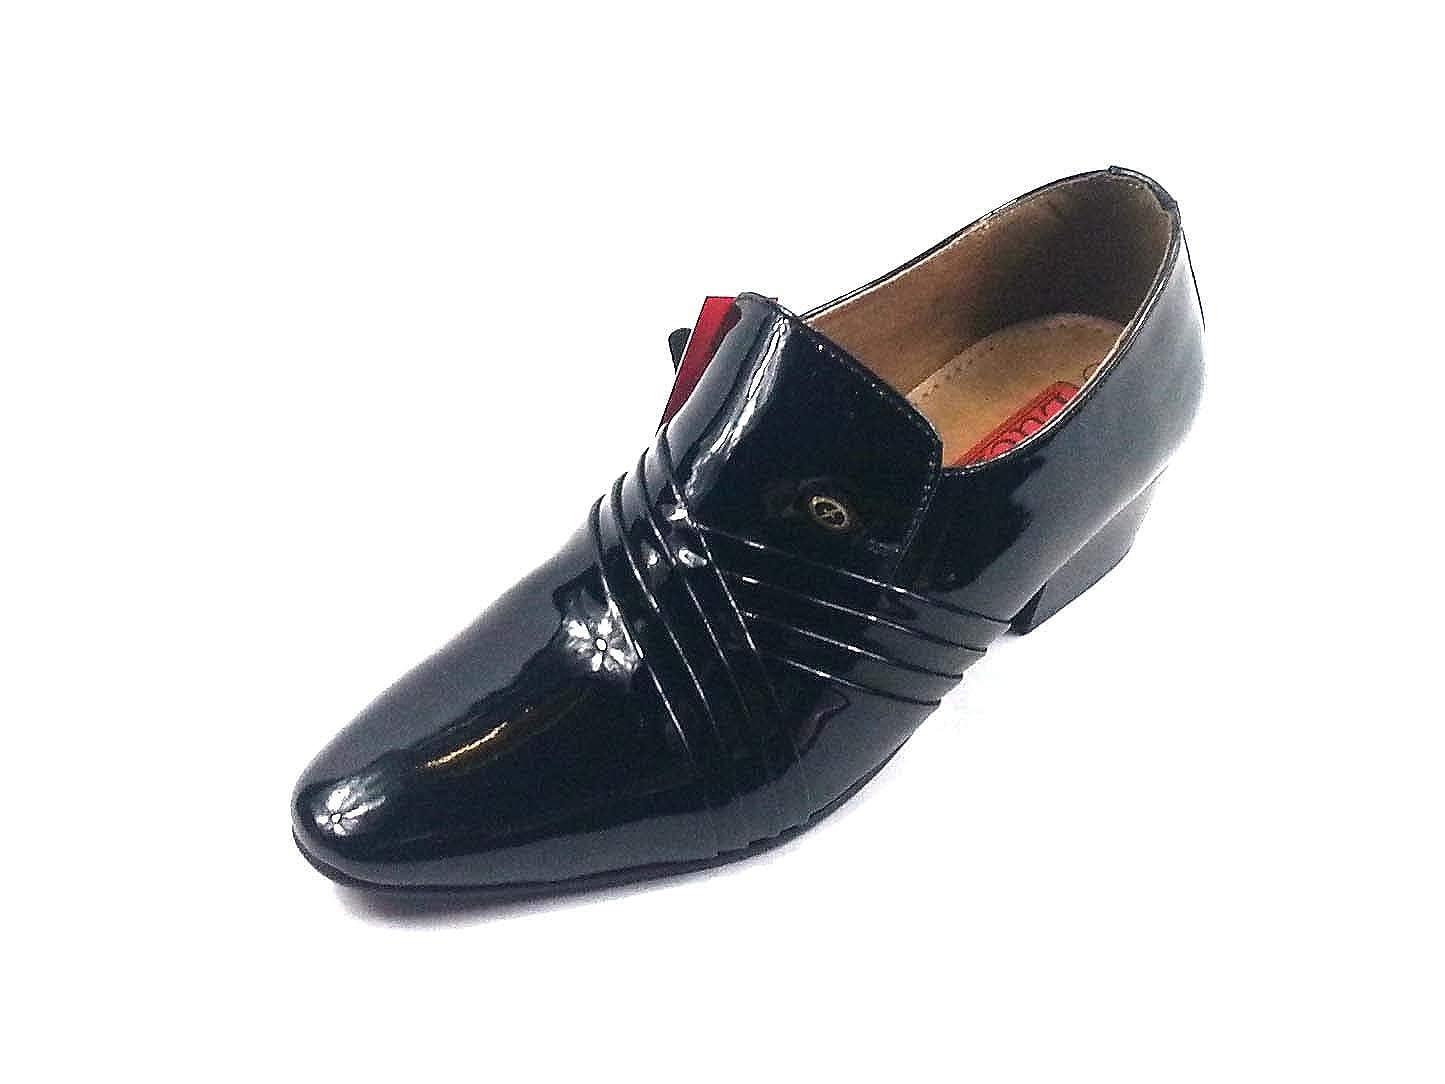 S S S & B Footwear - Zapatos de Cordones de Charol para Hombre 6addc4